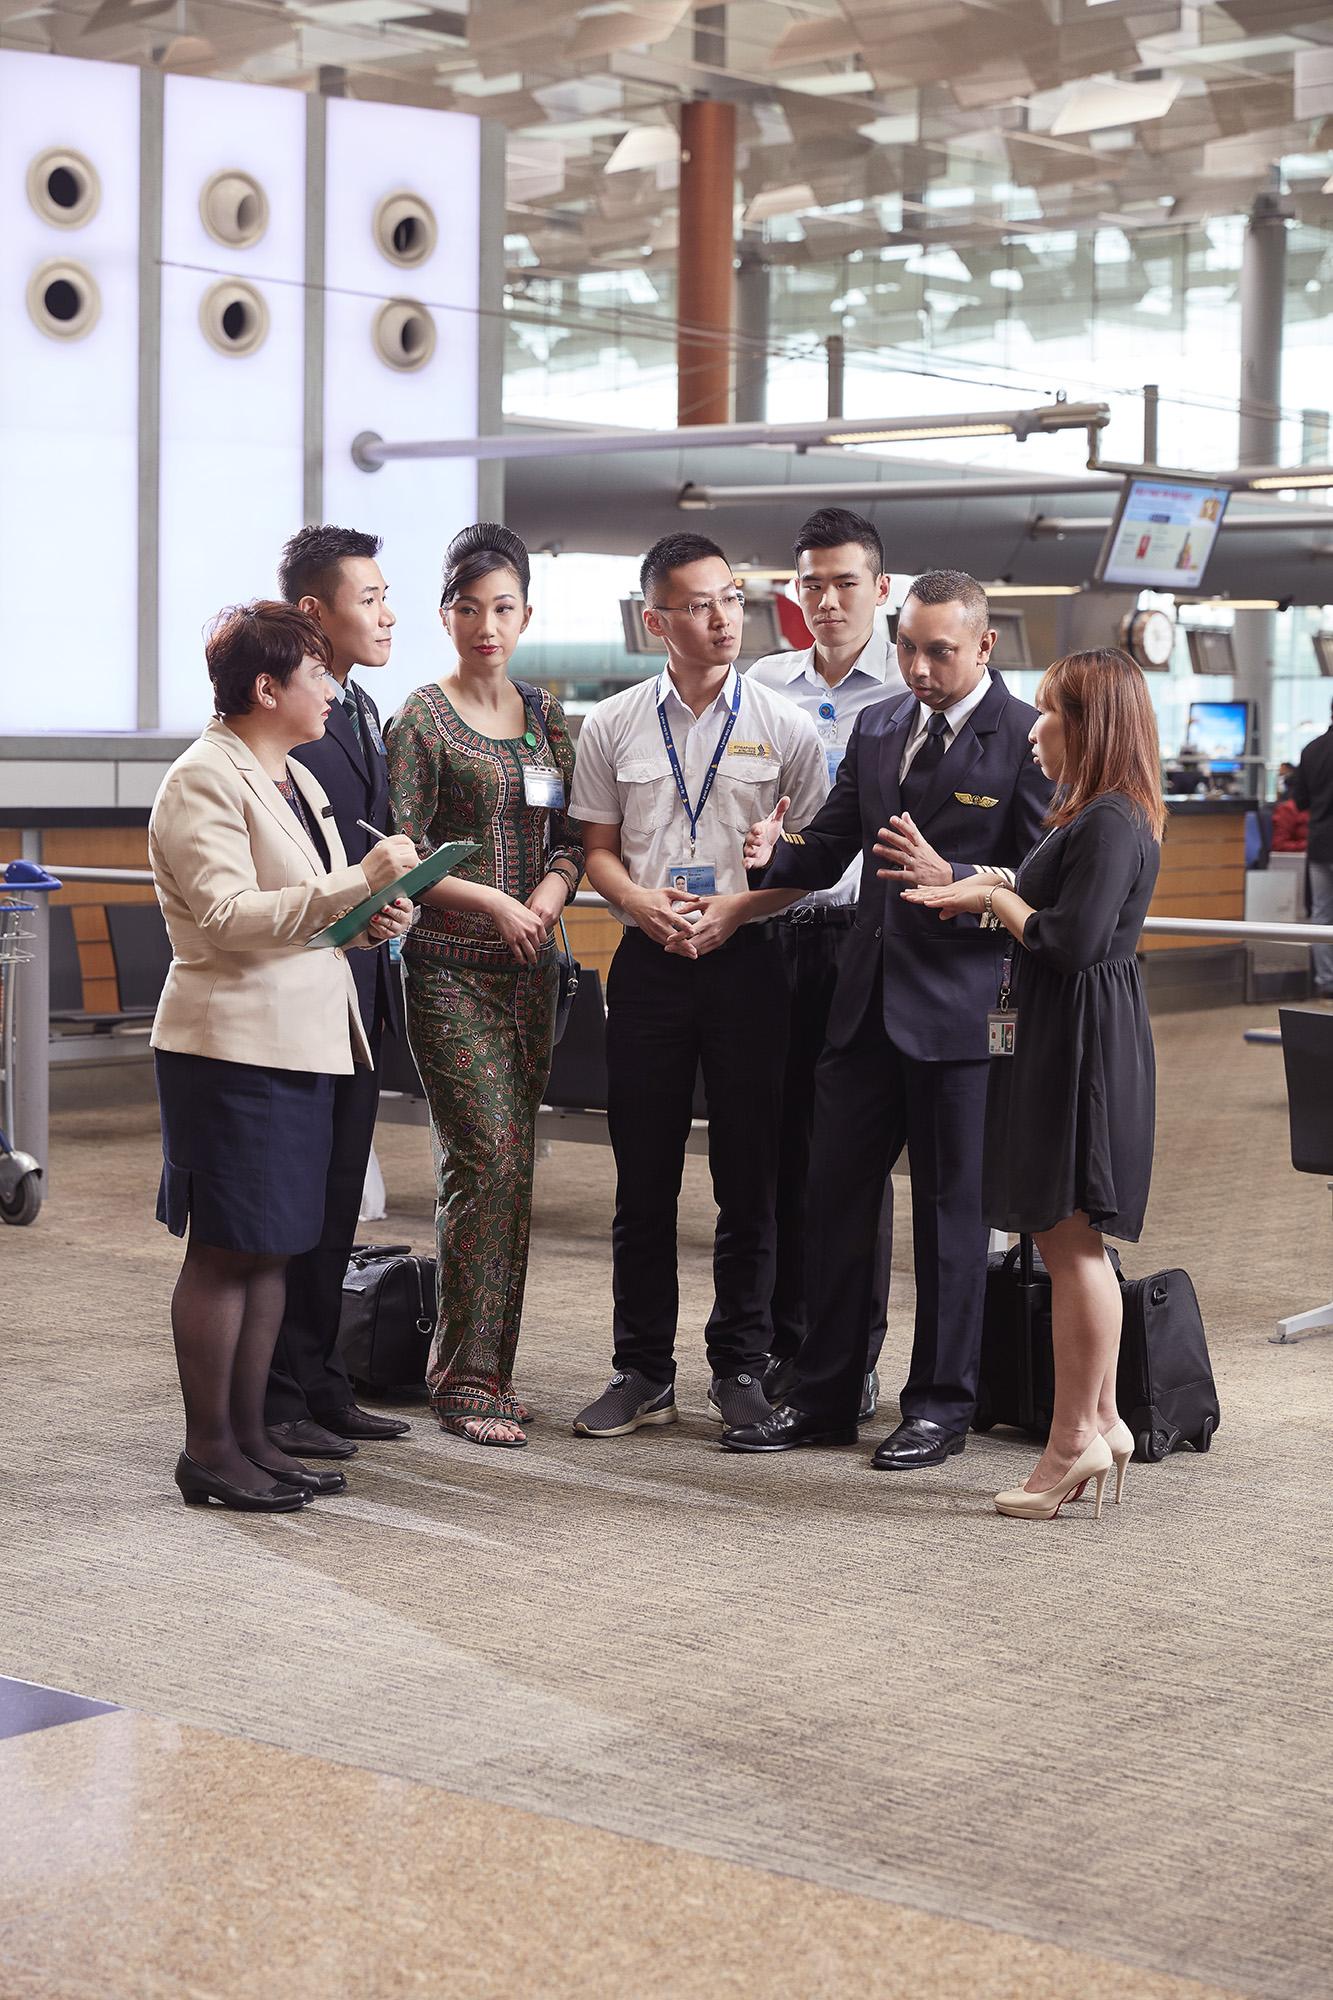 SIA_Teamwork_0832_FINAL.jpg